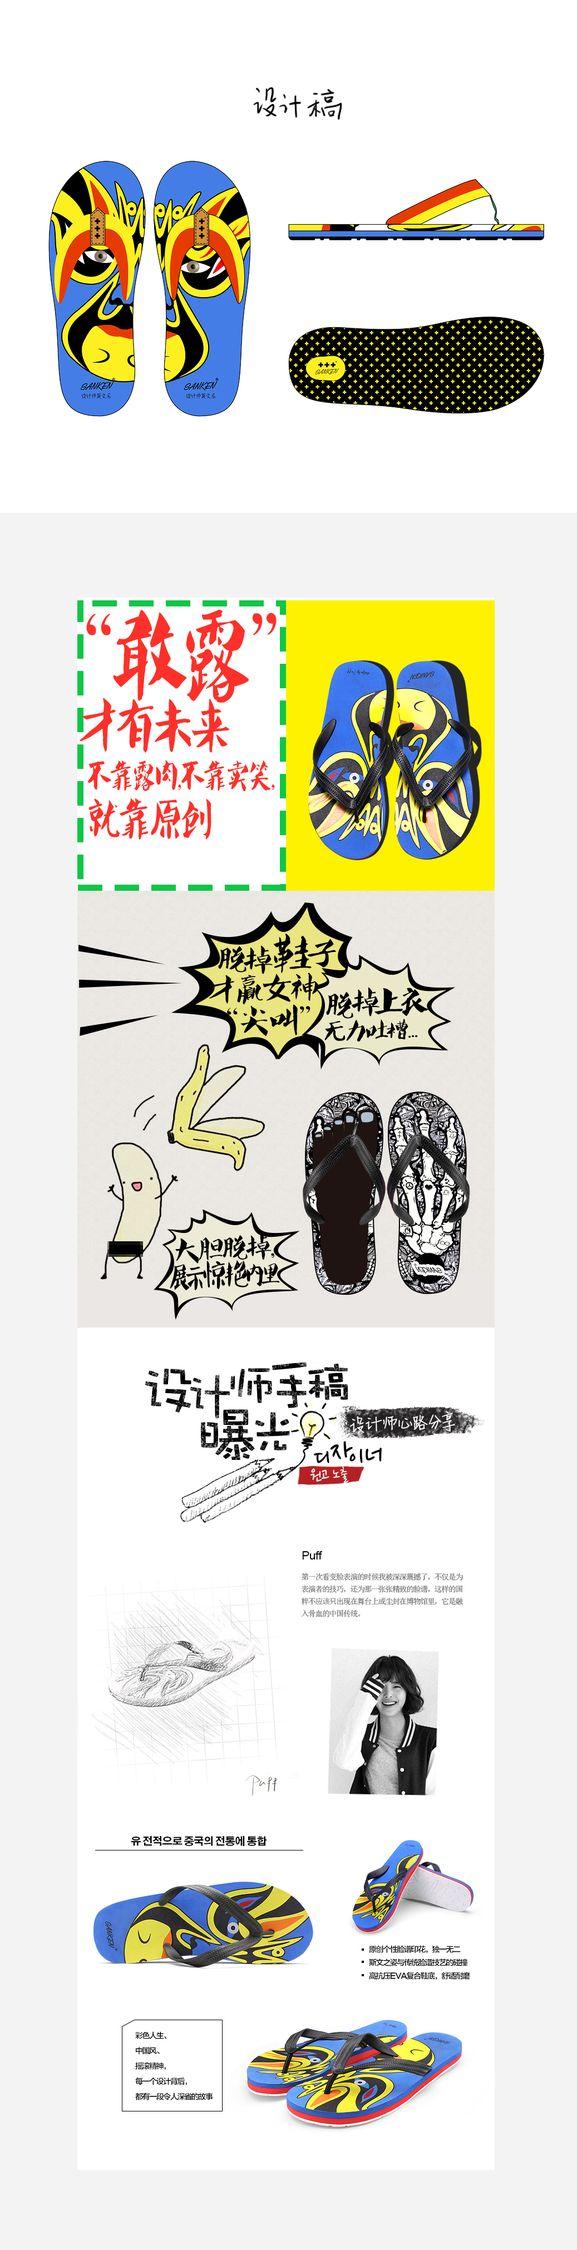 原创拖鞋设计稿以及设计页面 - puff1208   ello